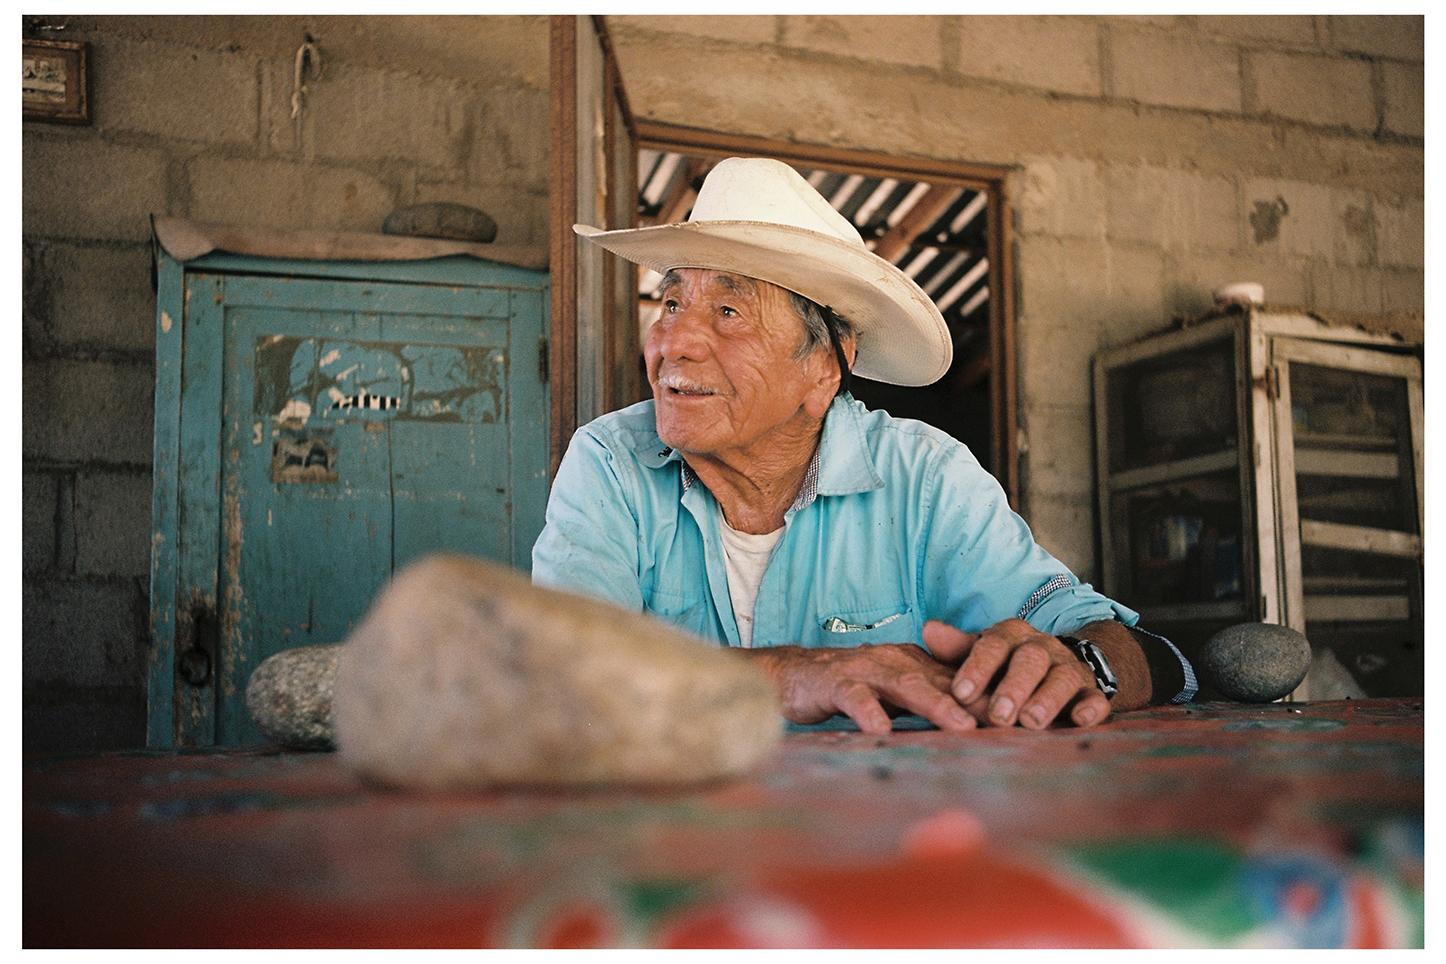 Rancheros. Photo by Theo de Gueltzl